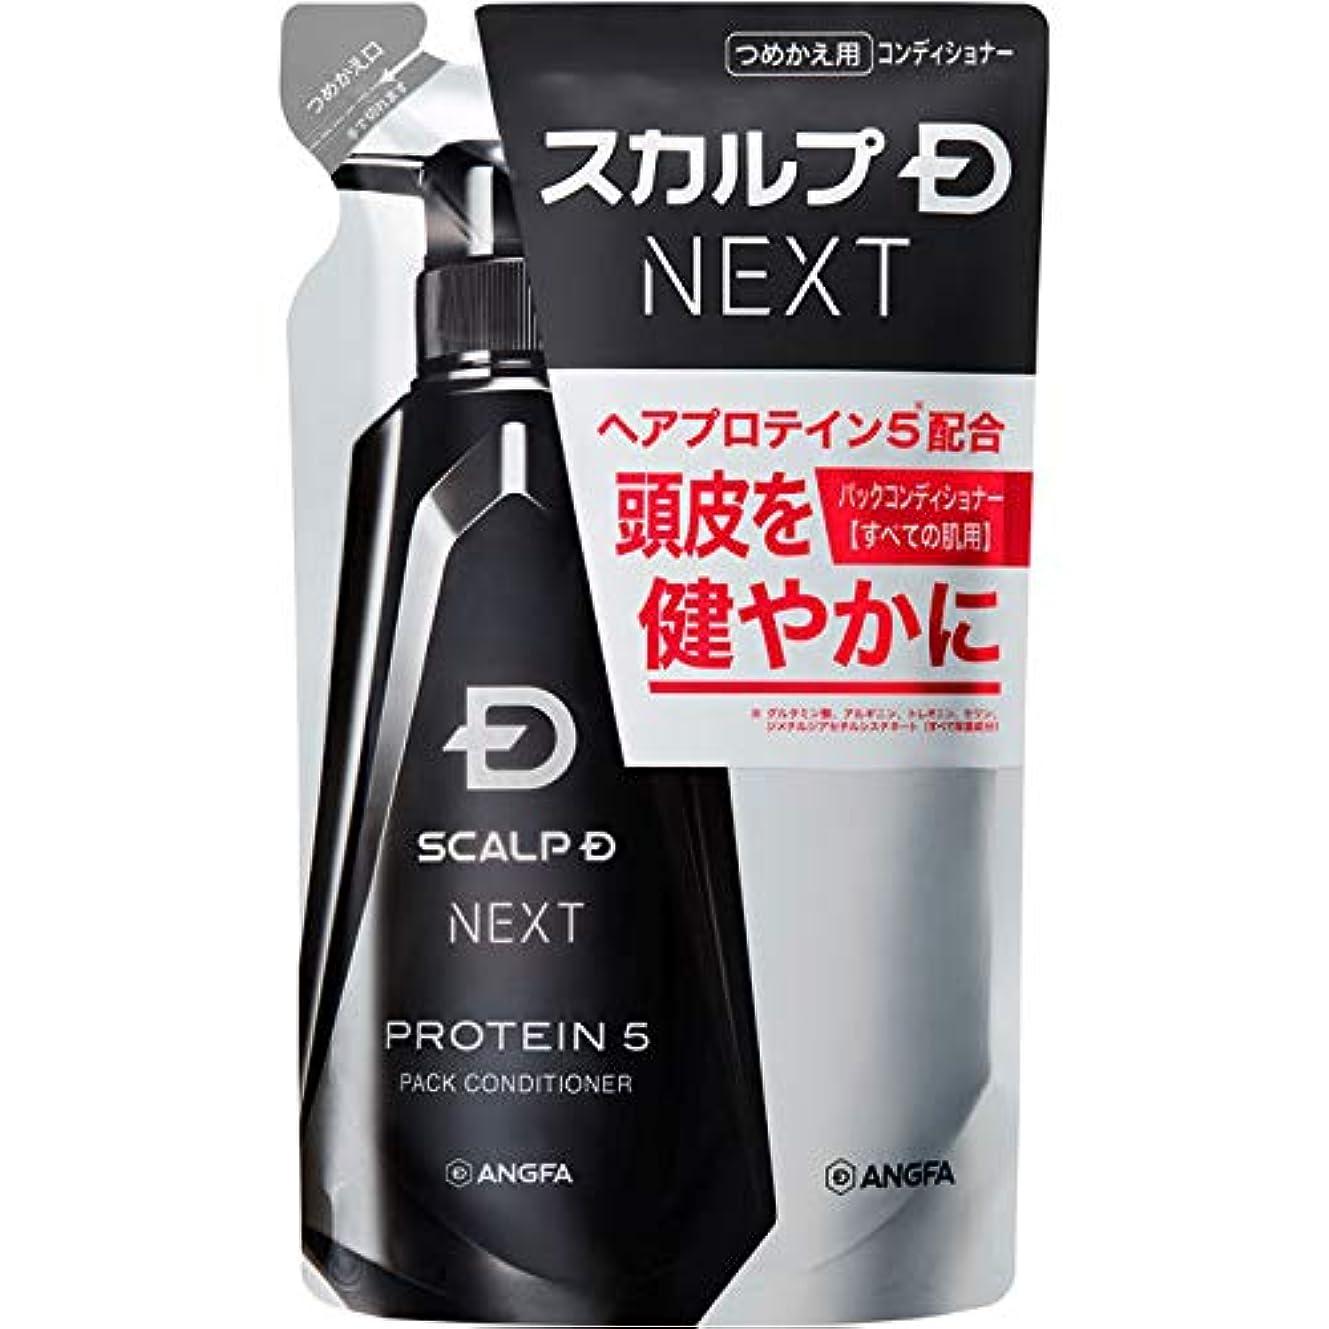 おとこ薄める足音アンファー スカルプD NEXT プロテイン5 パックコンディショナー 詰替用 300ml